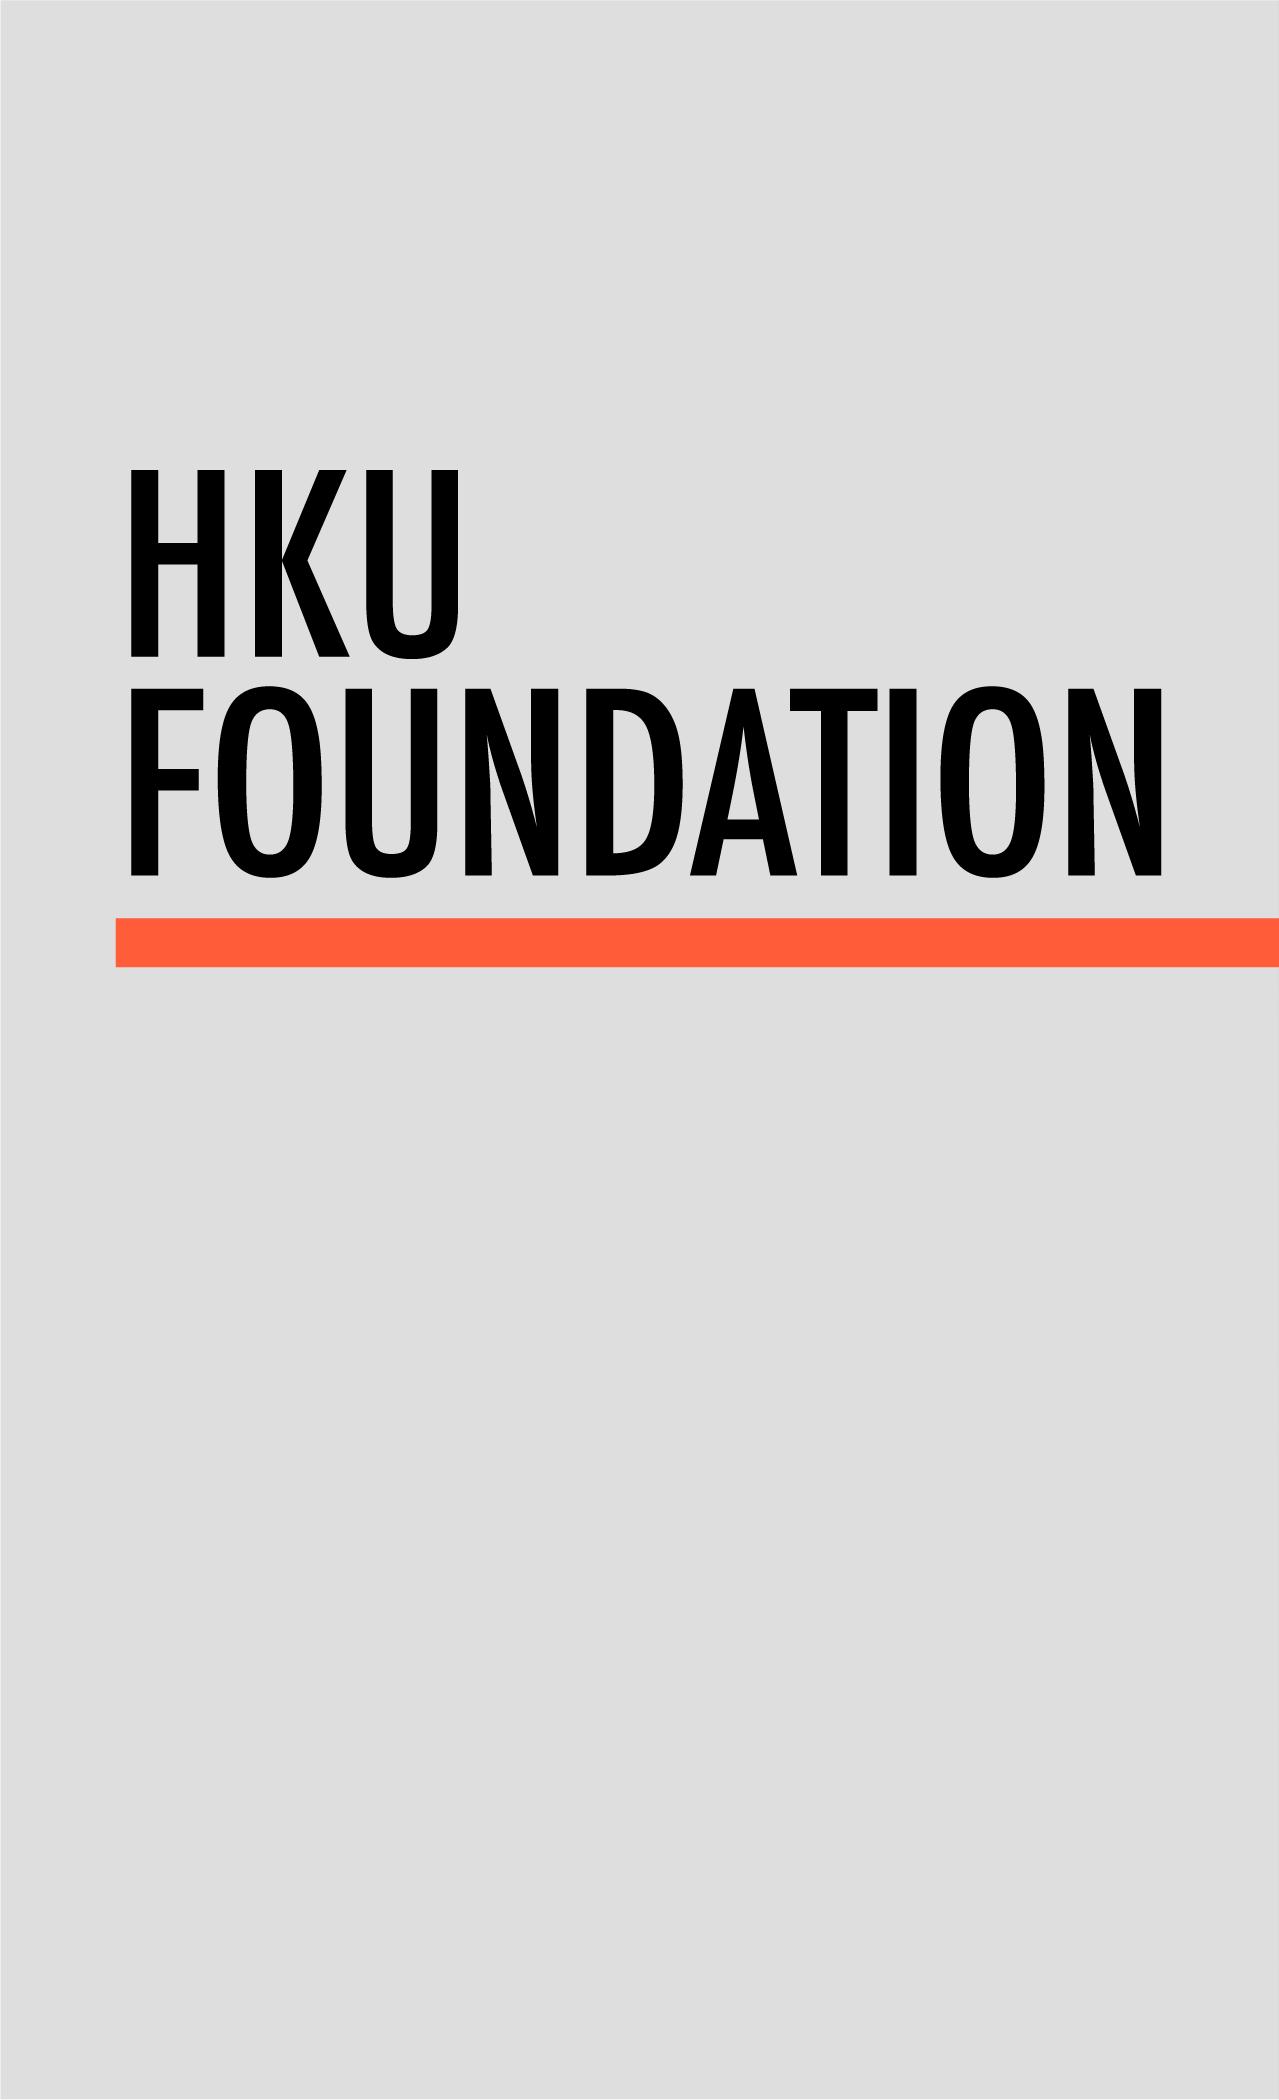 HKU Foundation